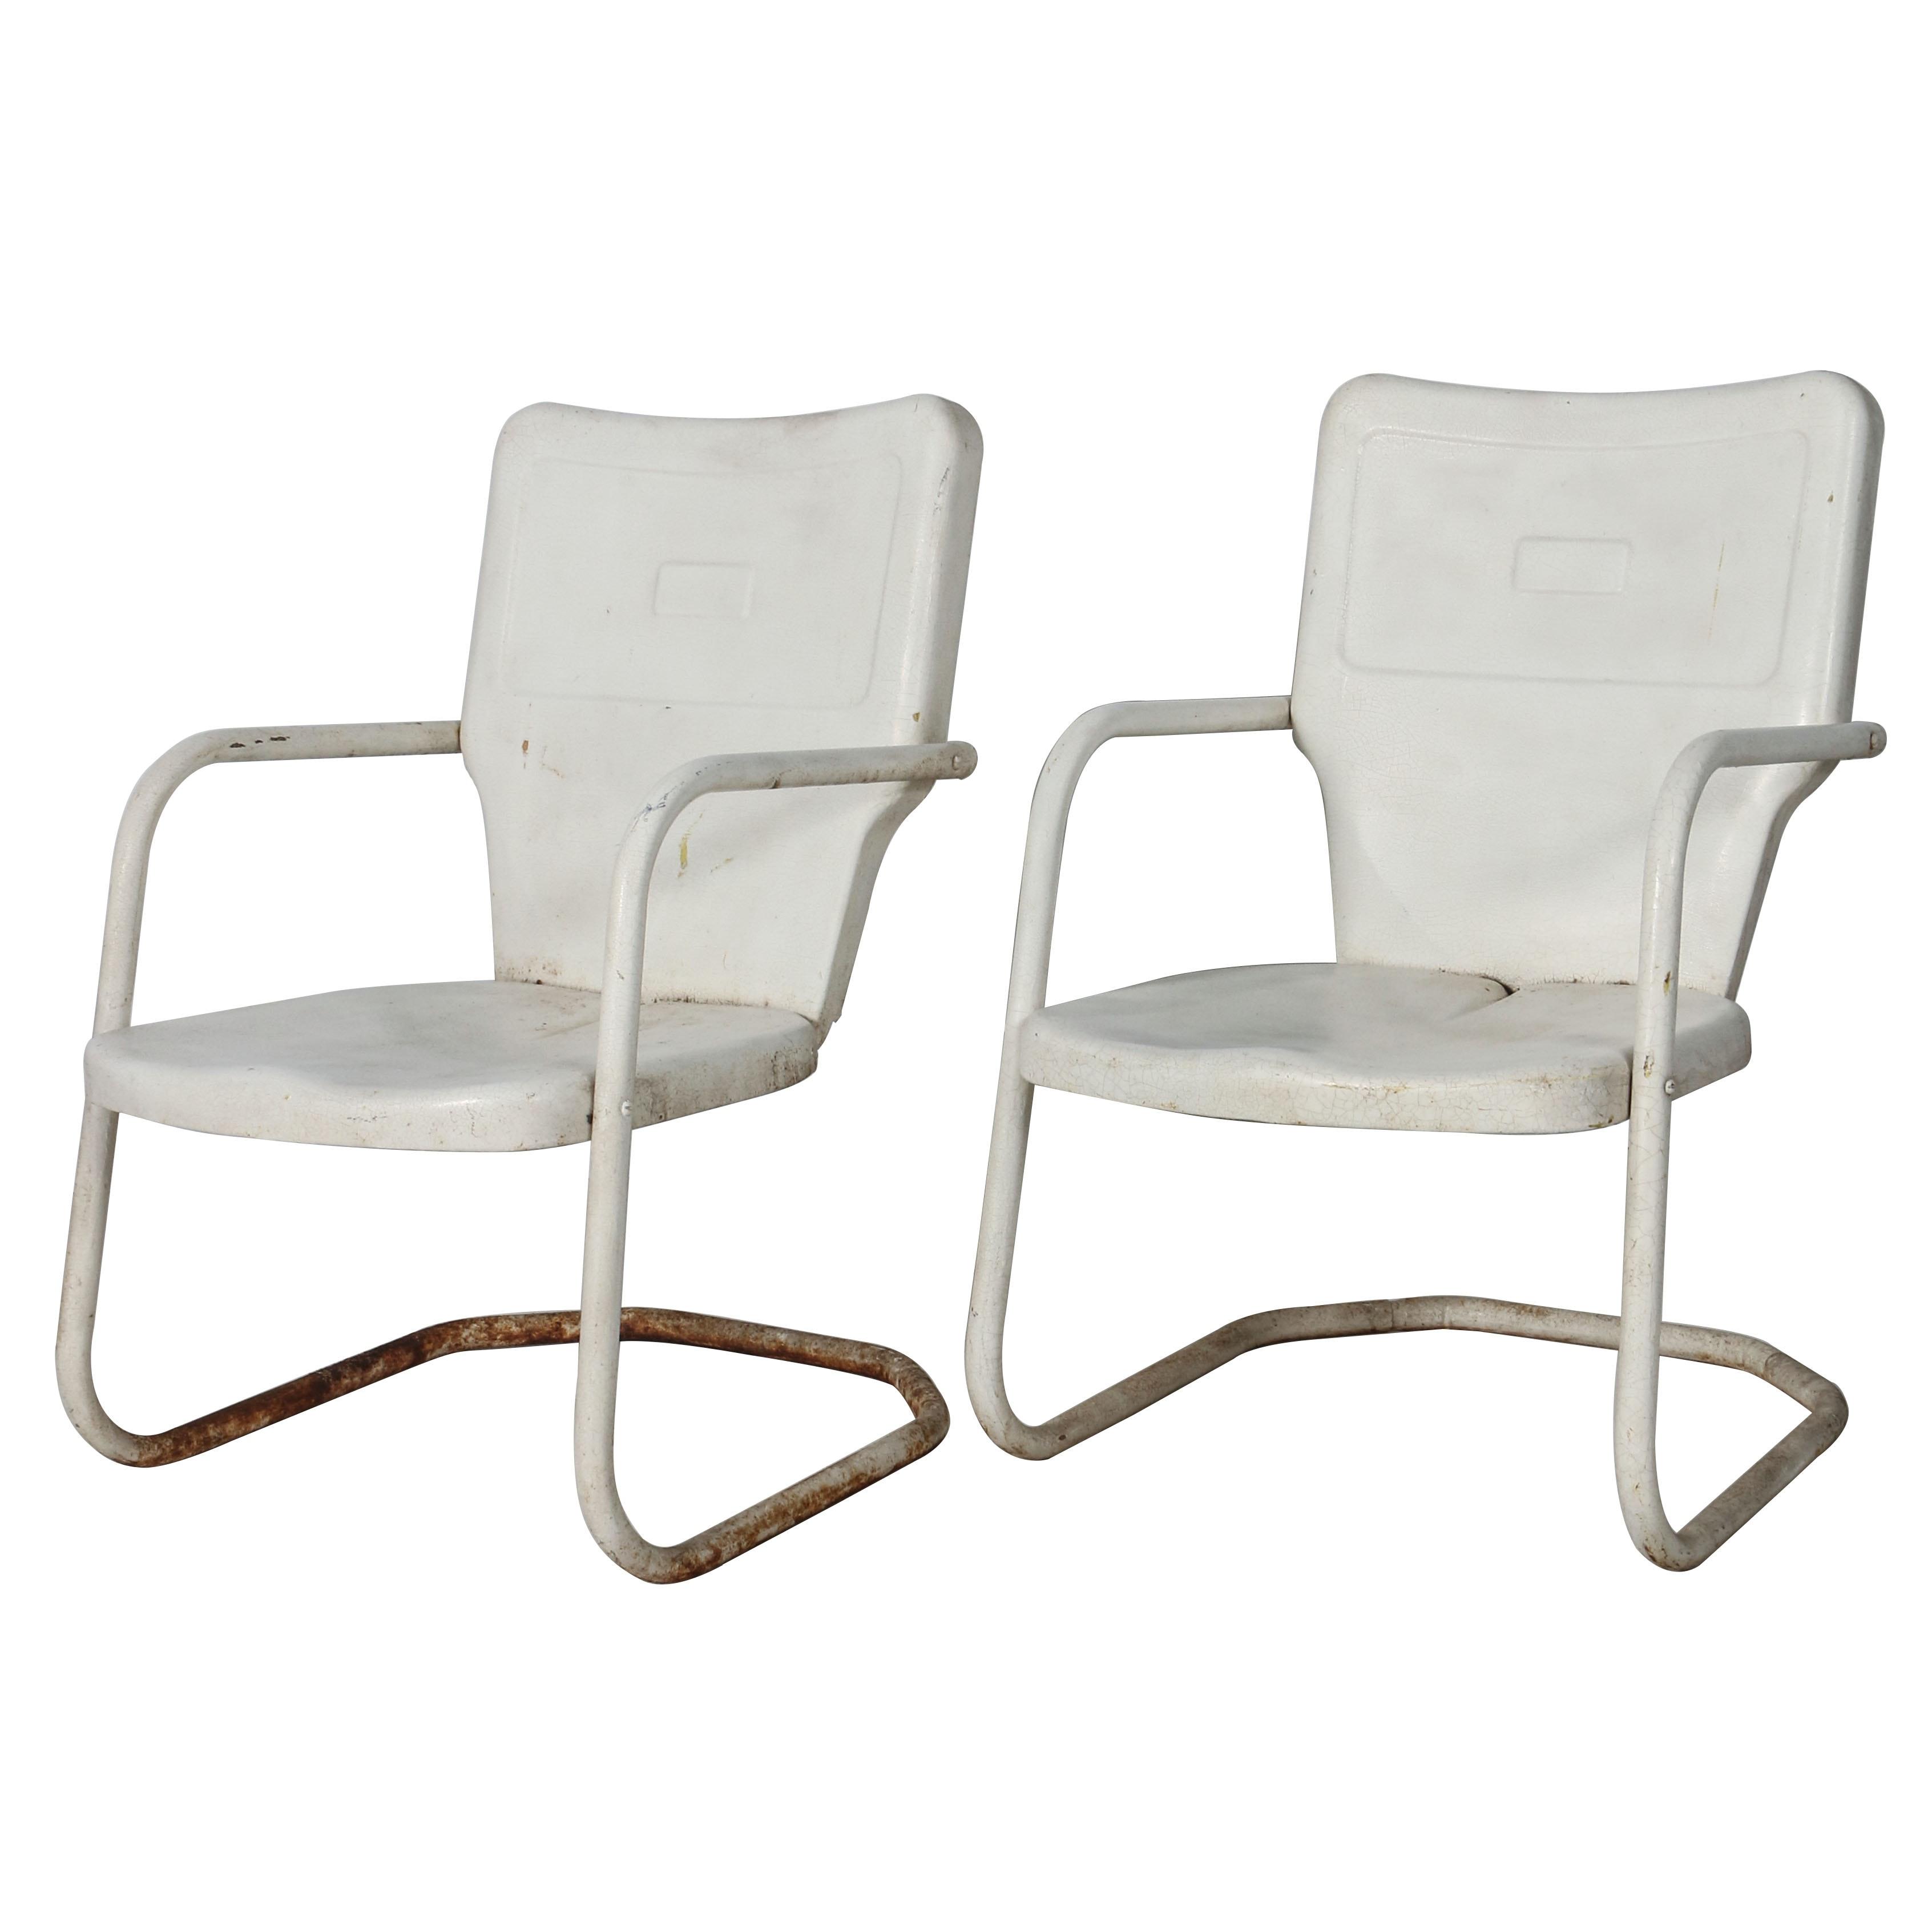 Pair Of Vintage Metal Patio Chairs